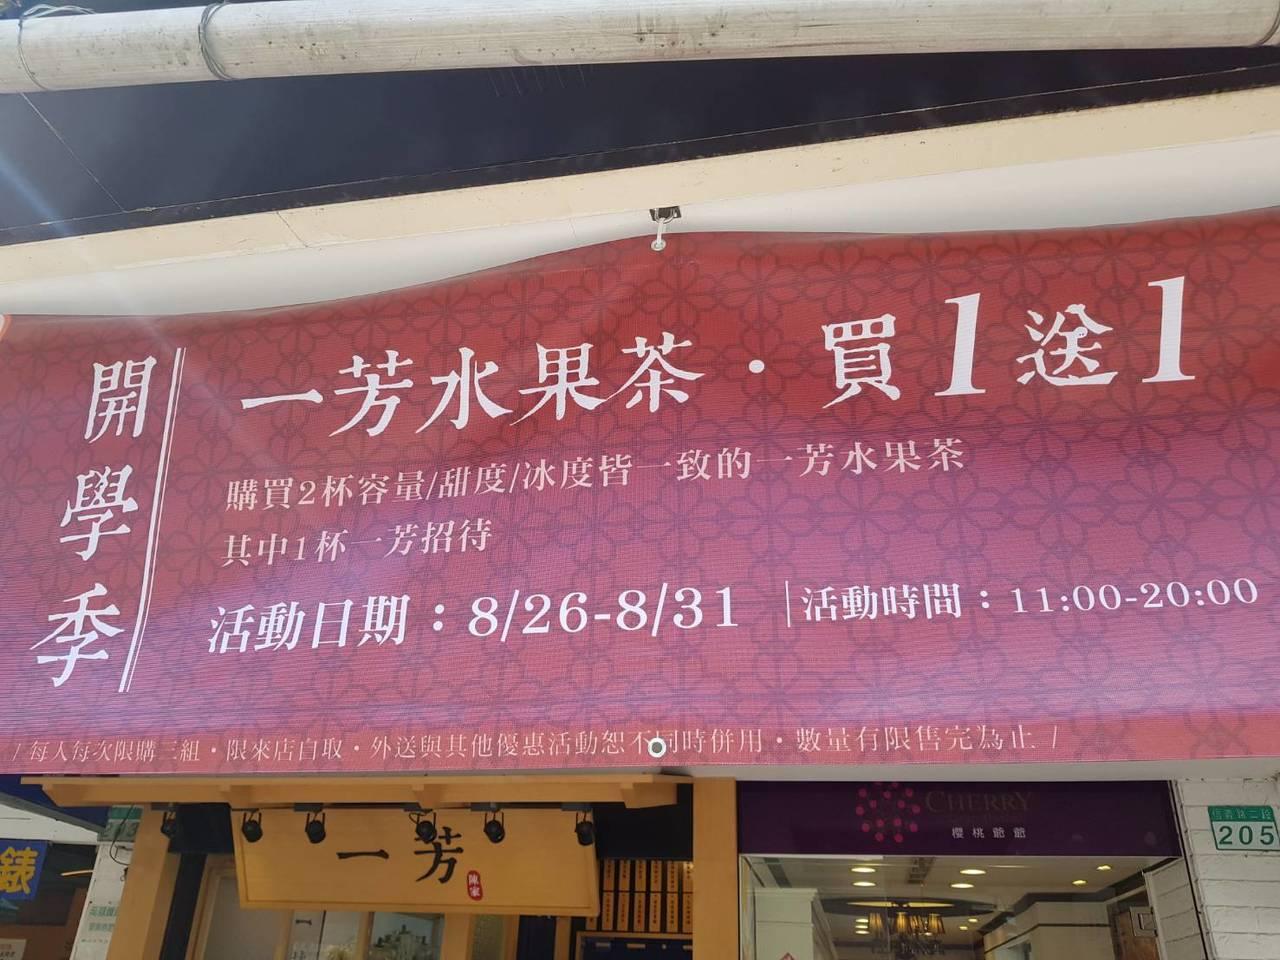 一芳水果茶目前仍有買1送1的促銷活動。記者陳睿中/攝影